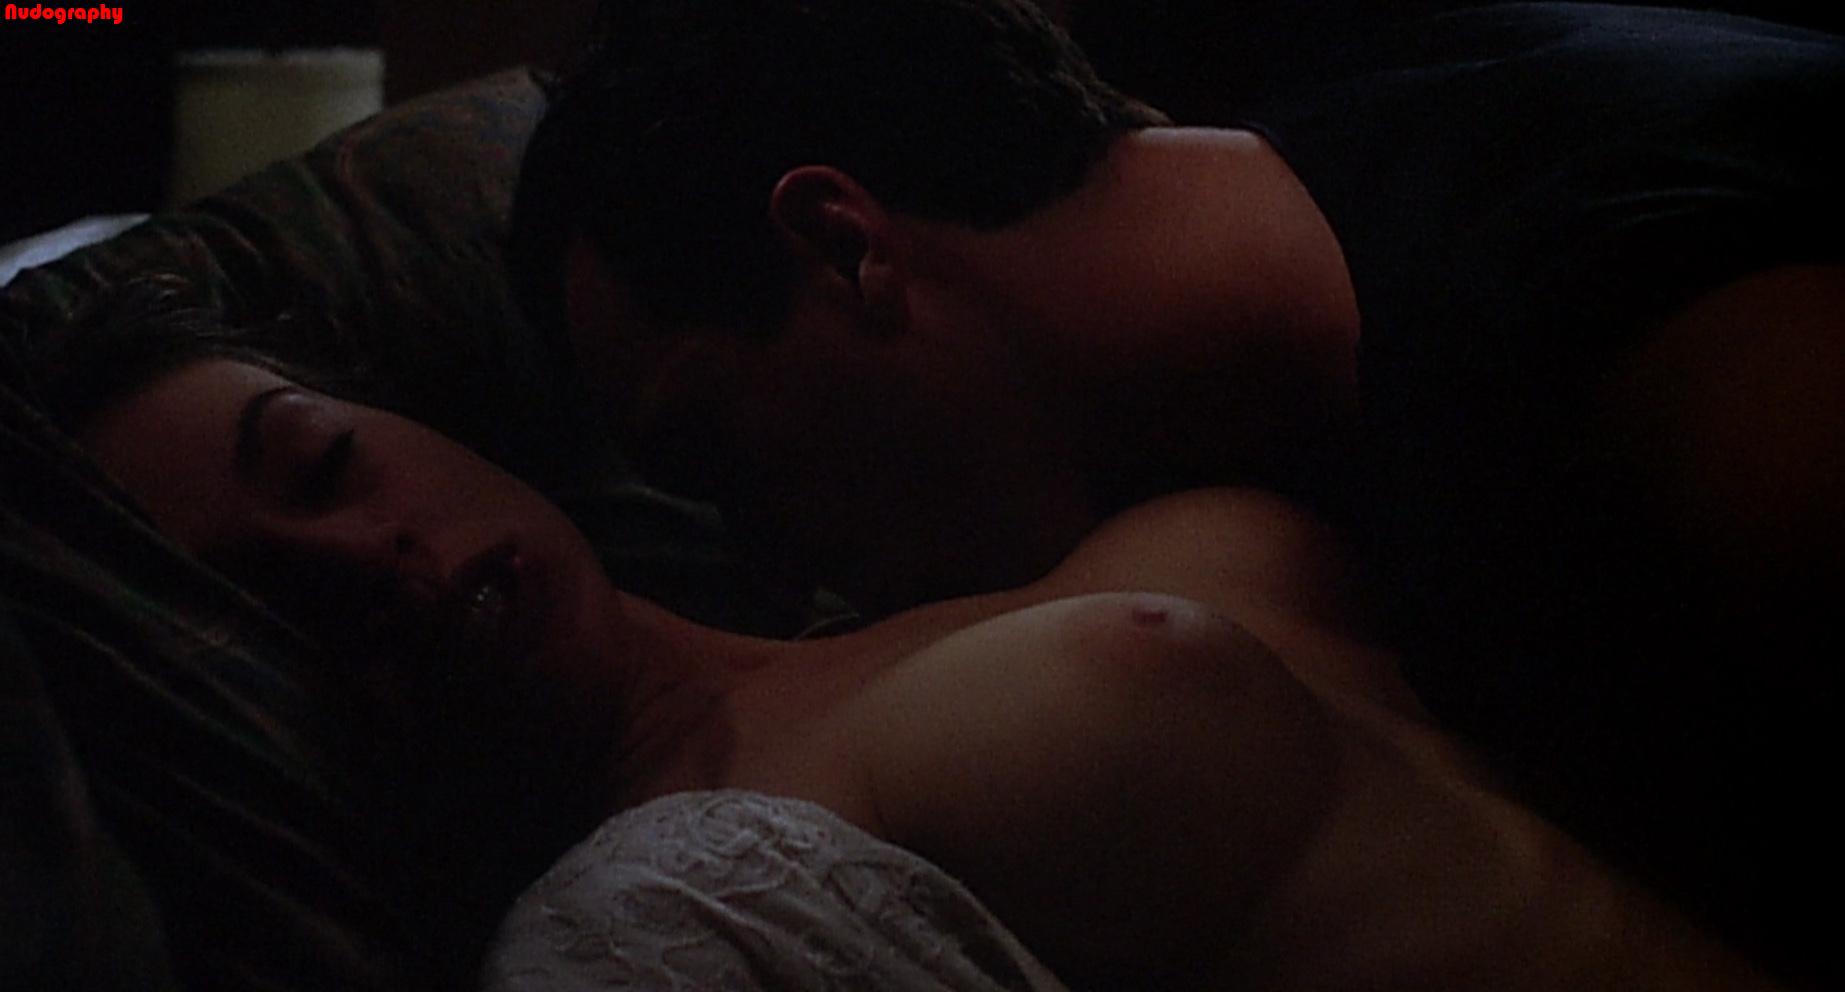 Alyssa milano hot sex scene in embrace the vampire